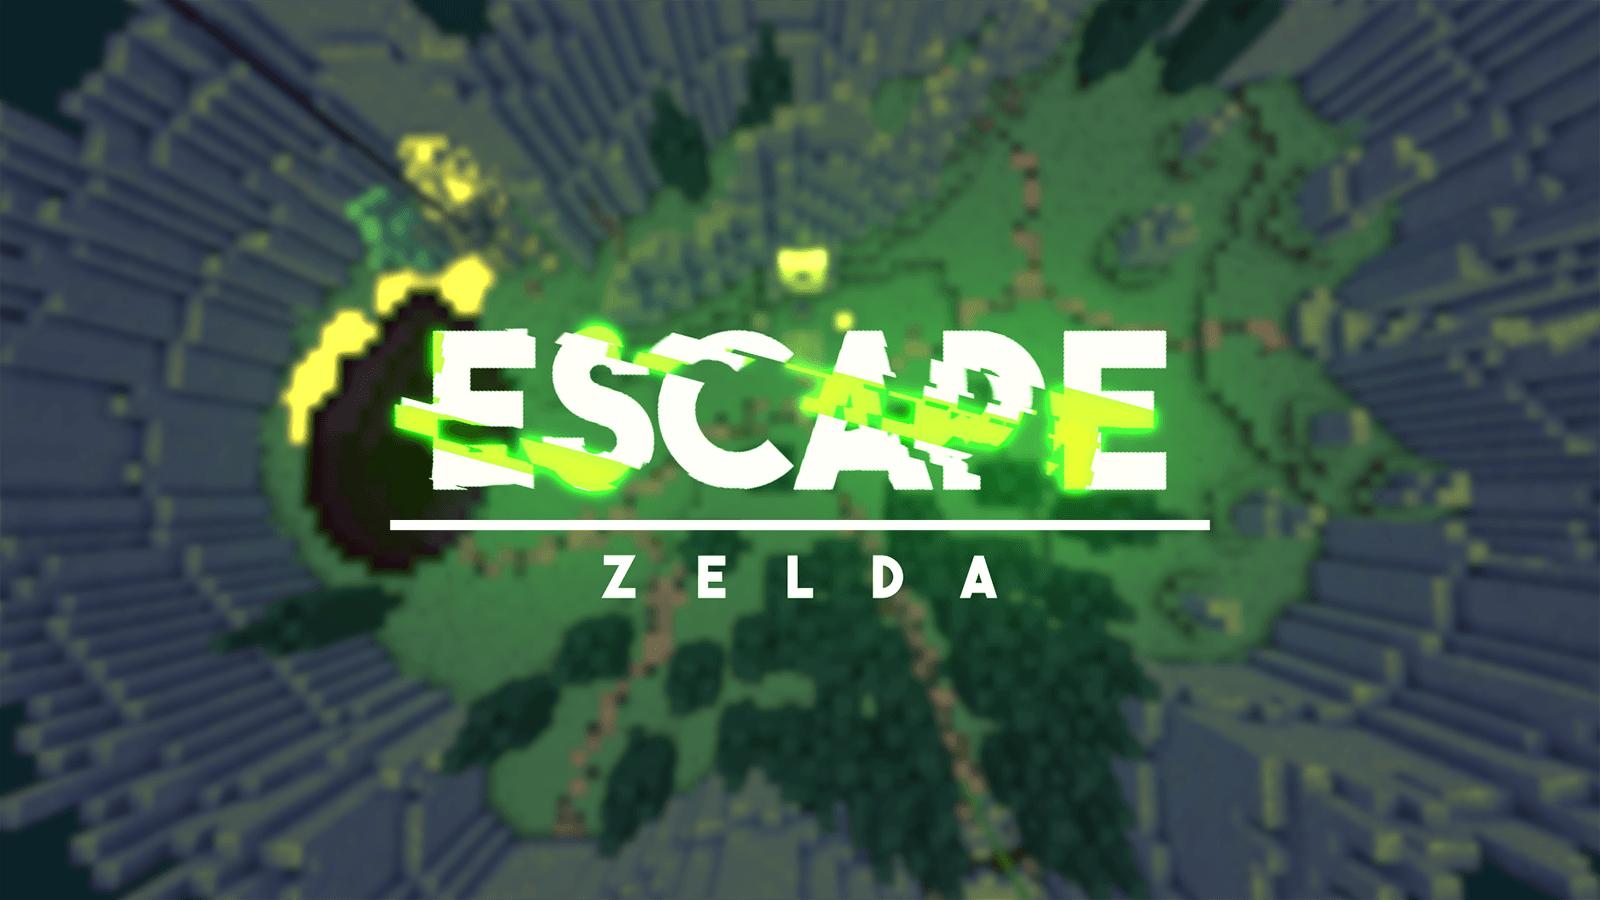 Crainer\'s Escape: Zelda Map 1.12.2/1.12 for Minecraft - 9Minecraft.Net